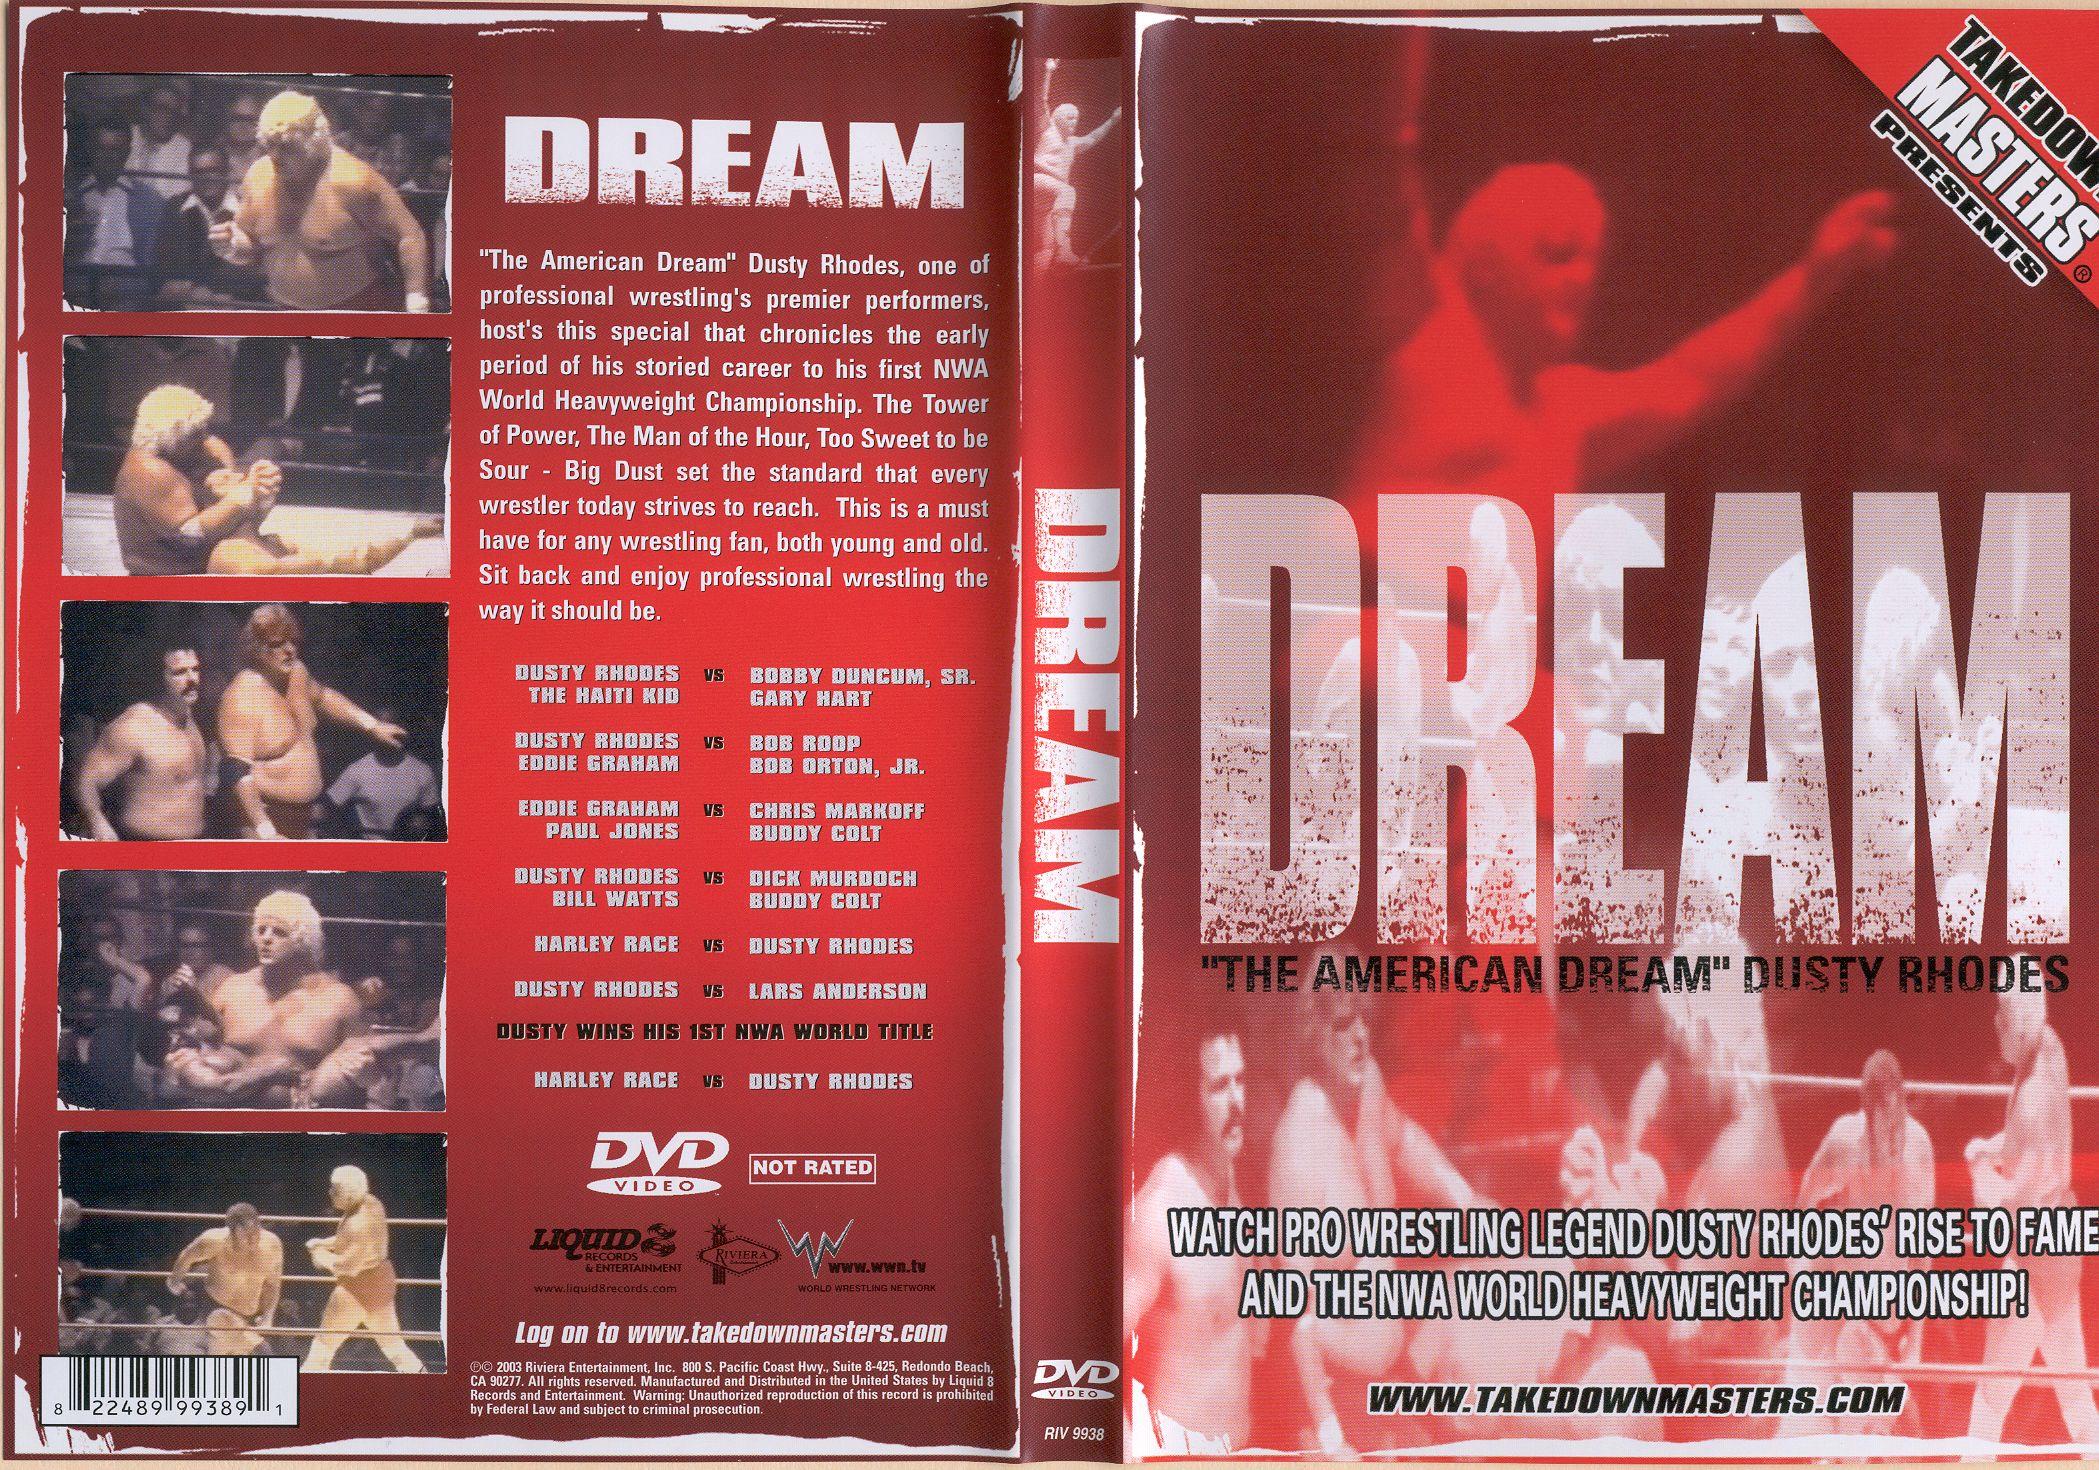 dream - dusty rhodes